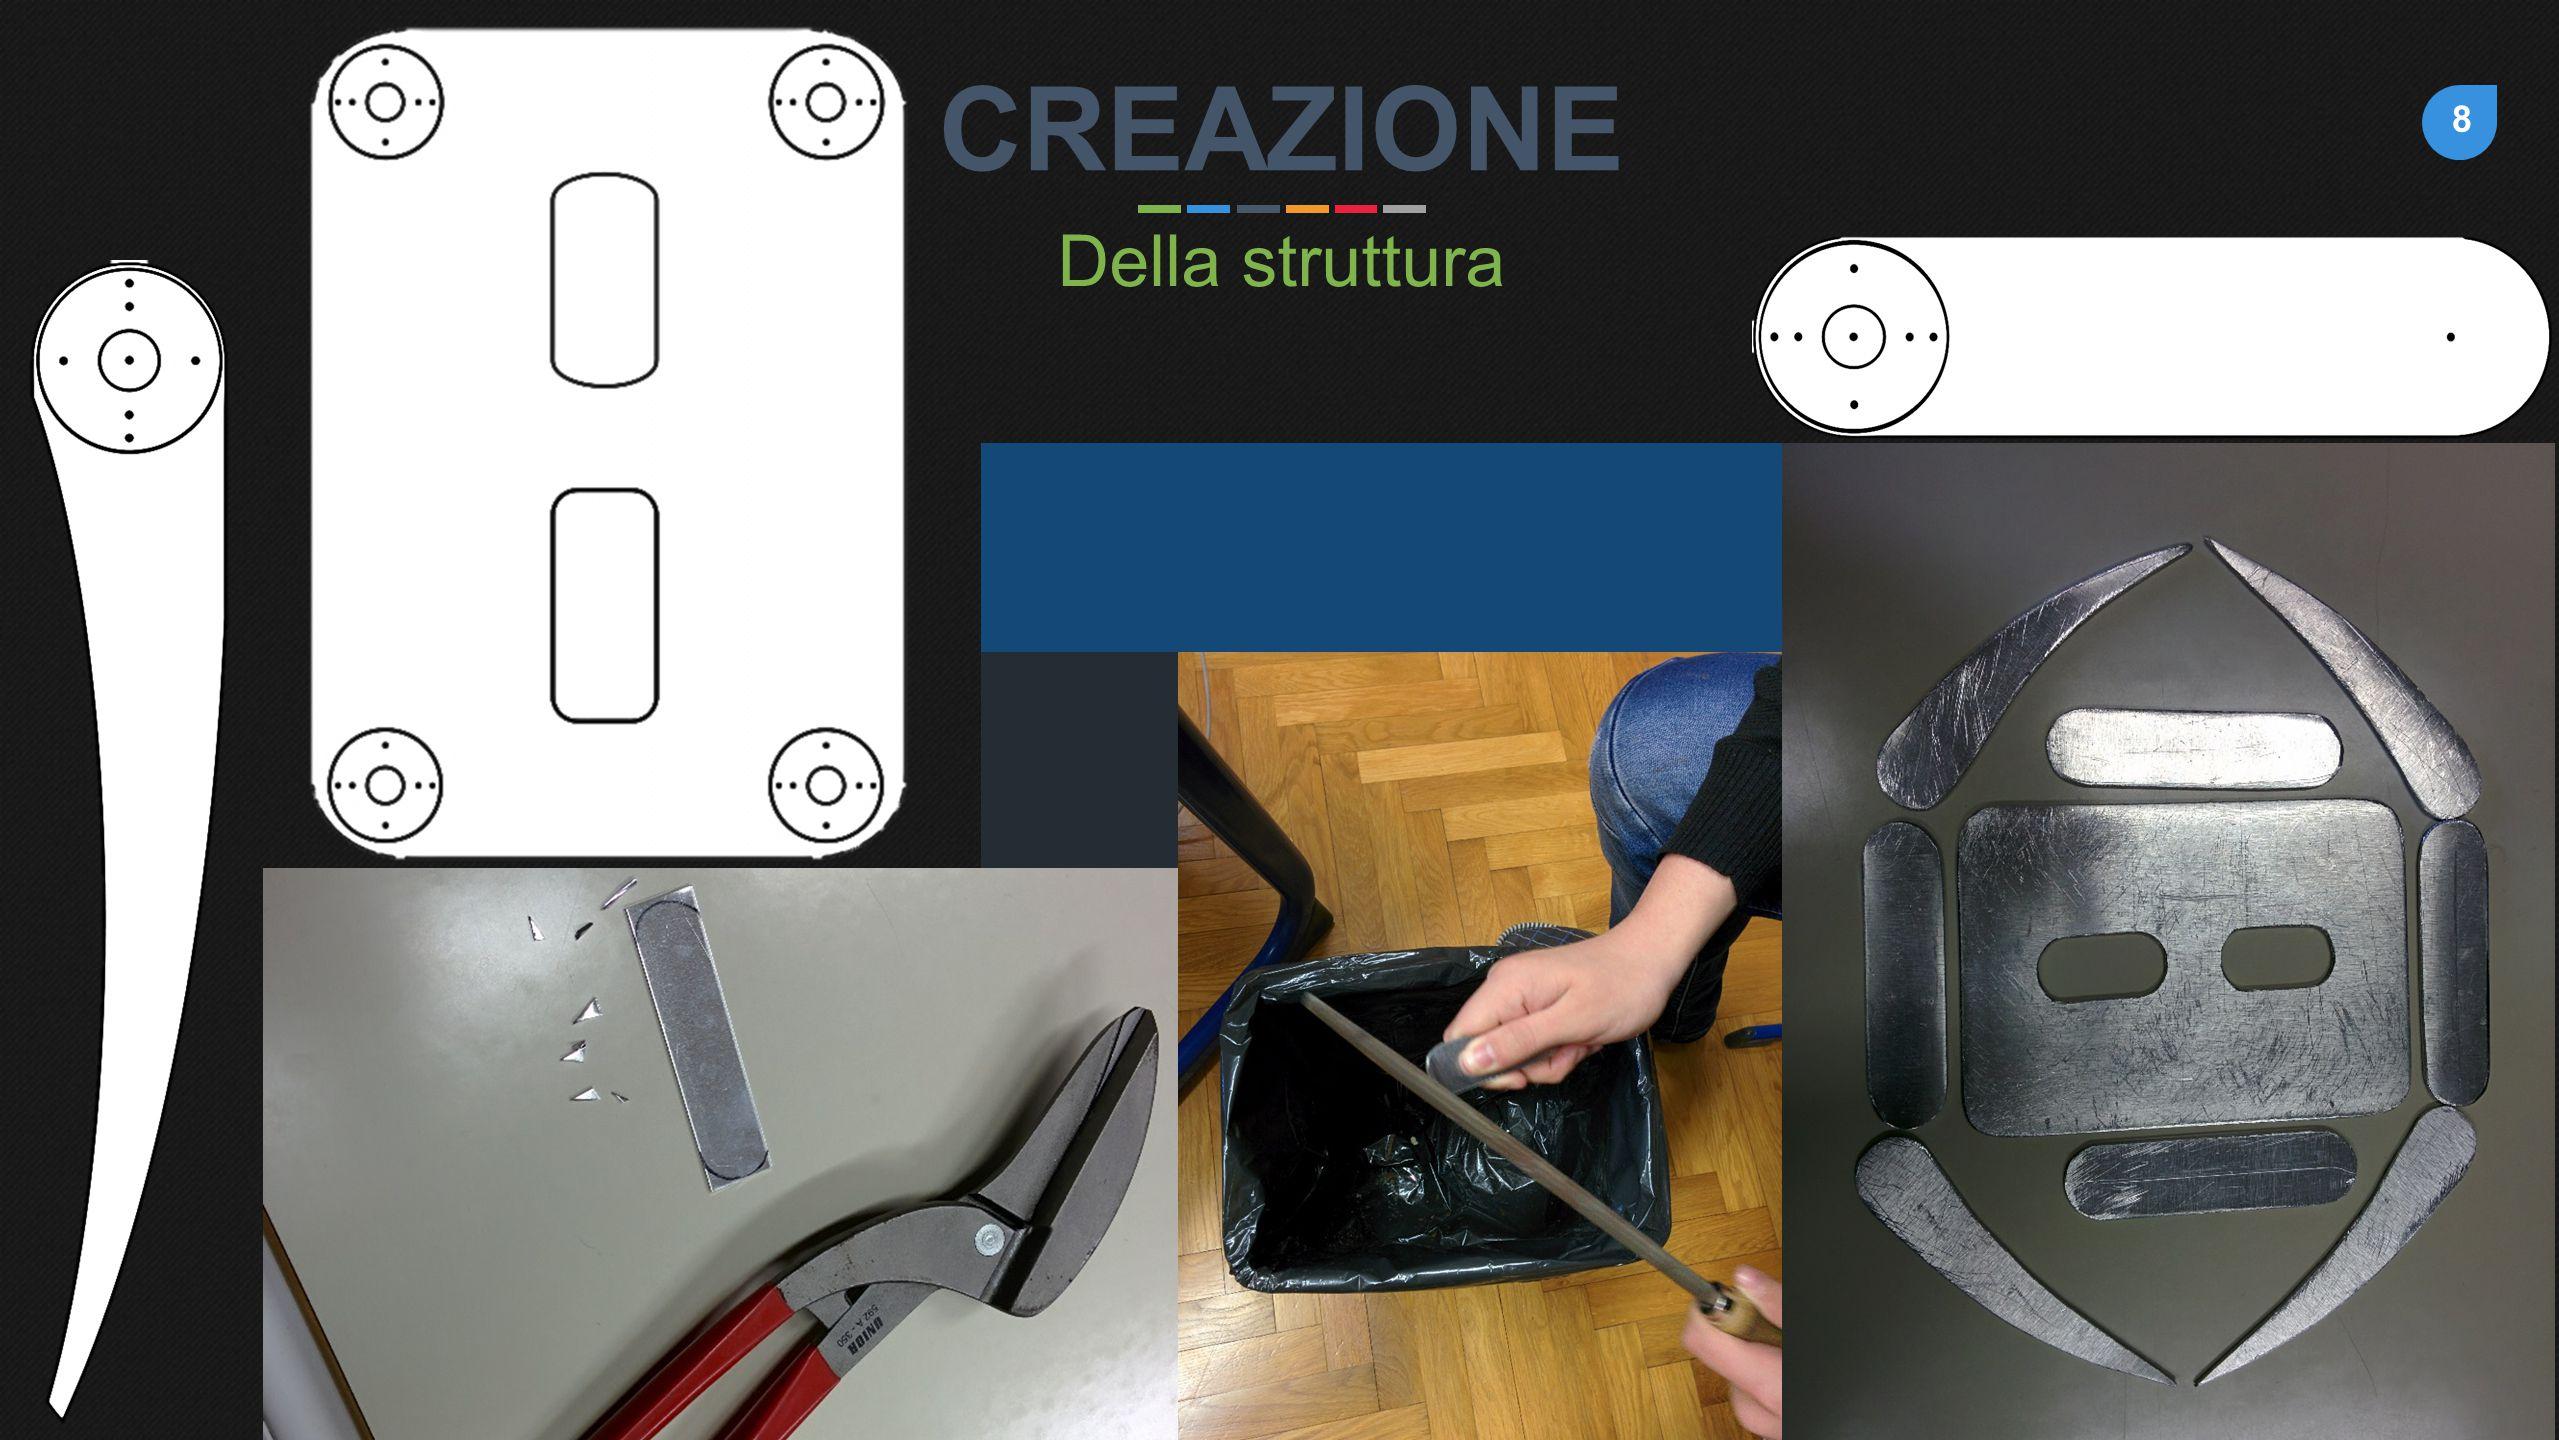 8 CREAZIONE Della struttura